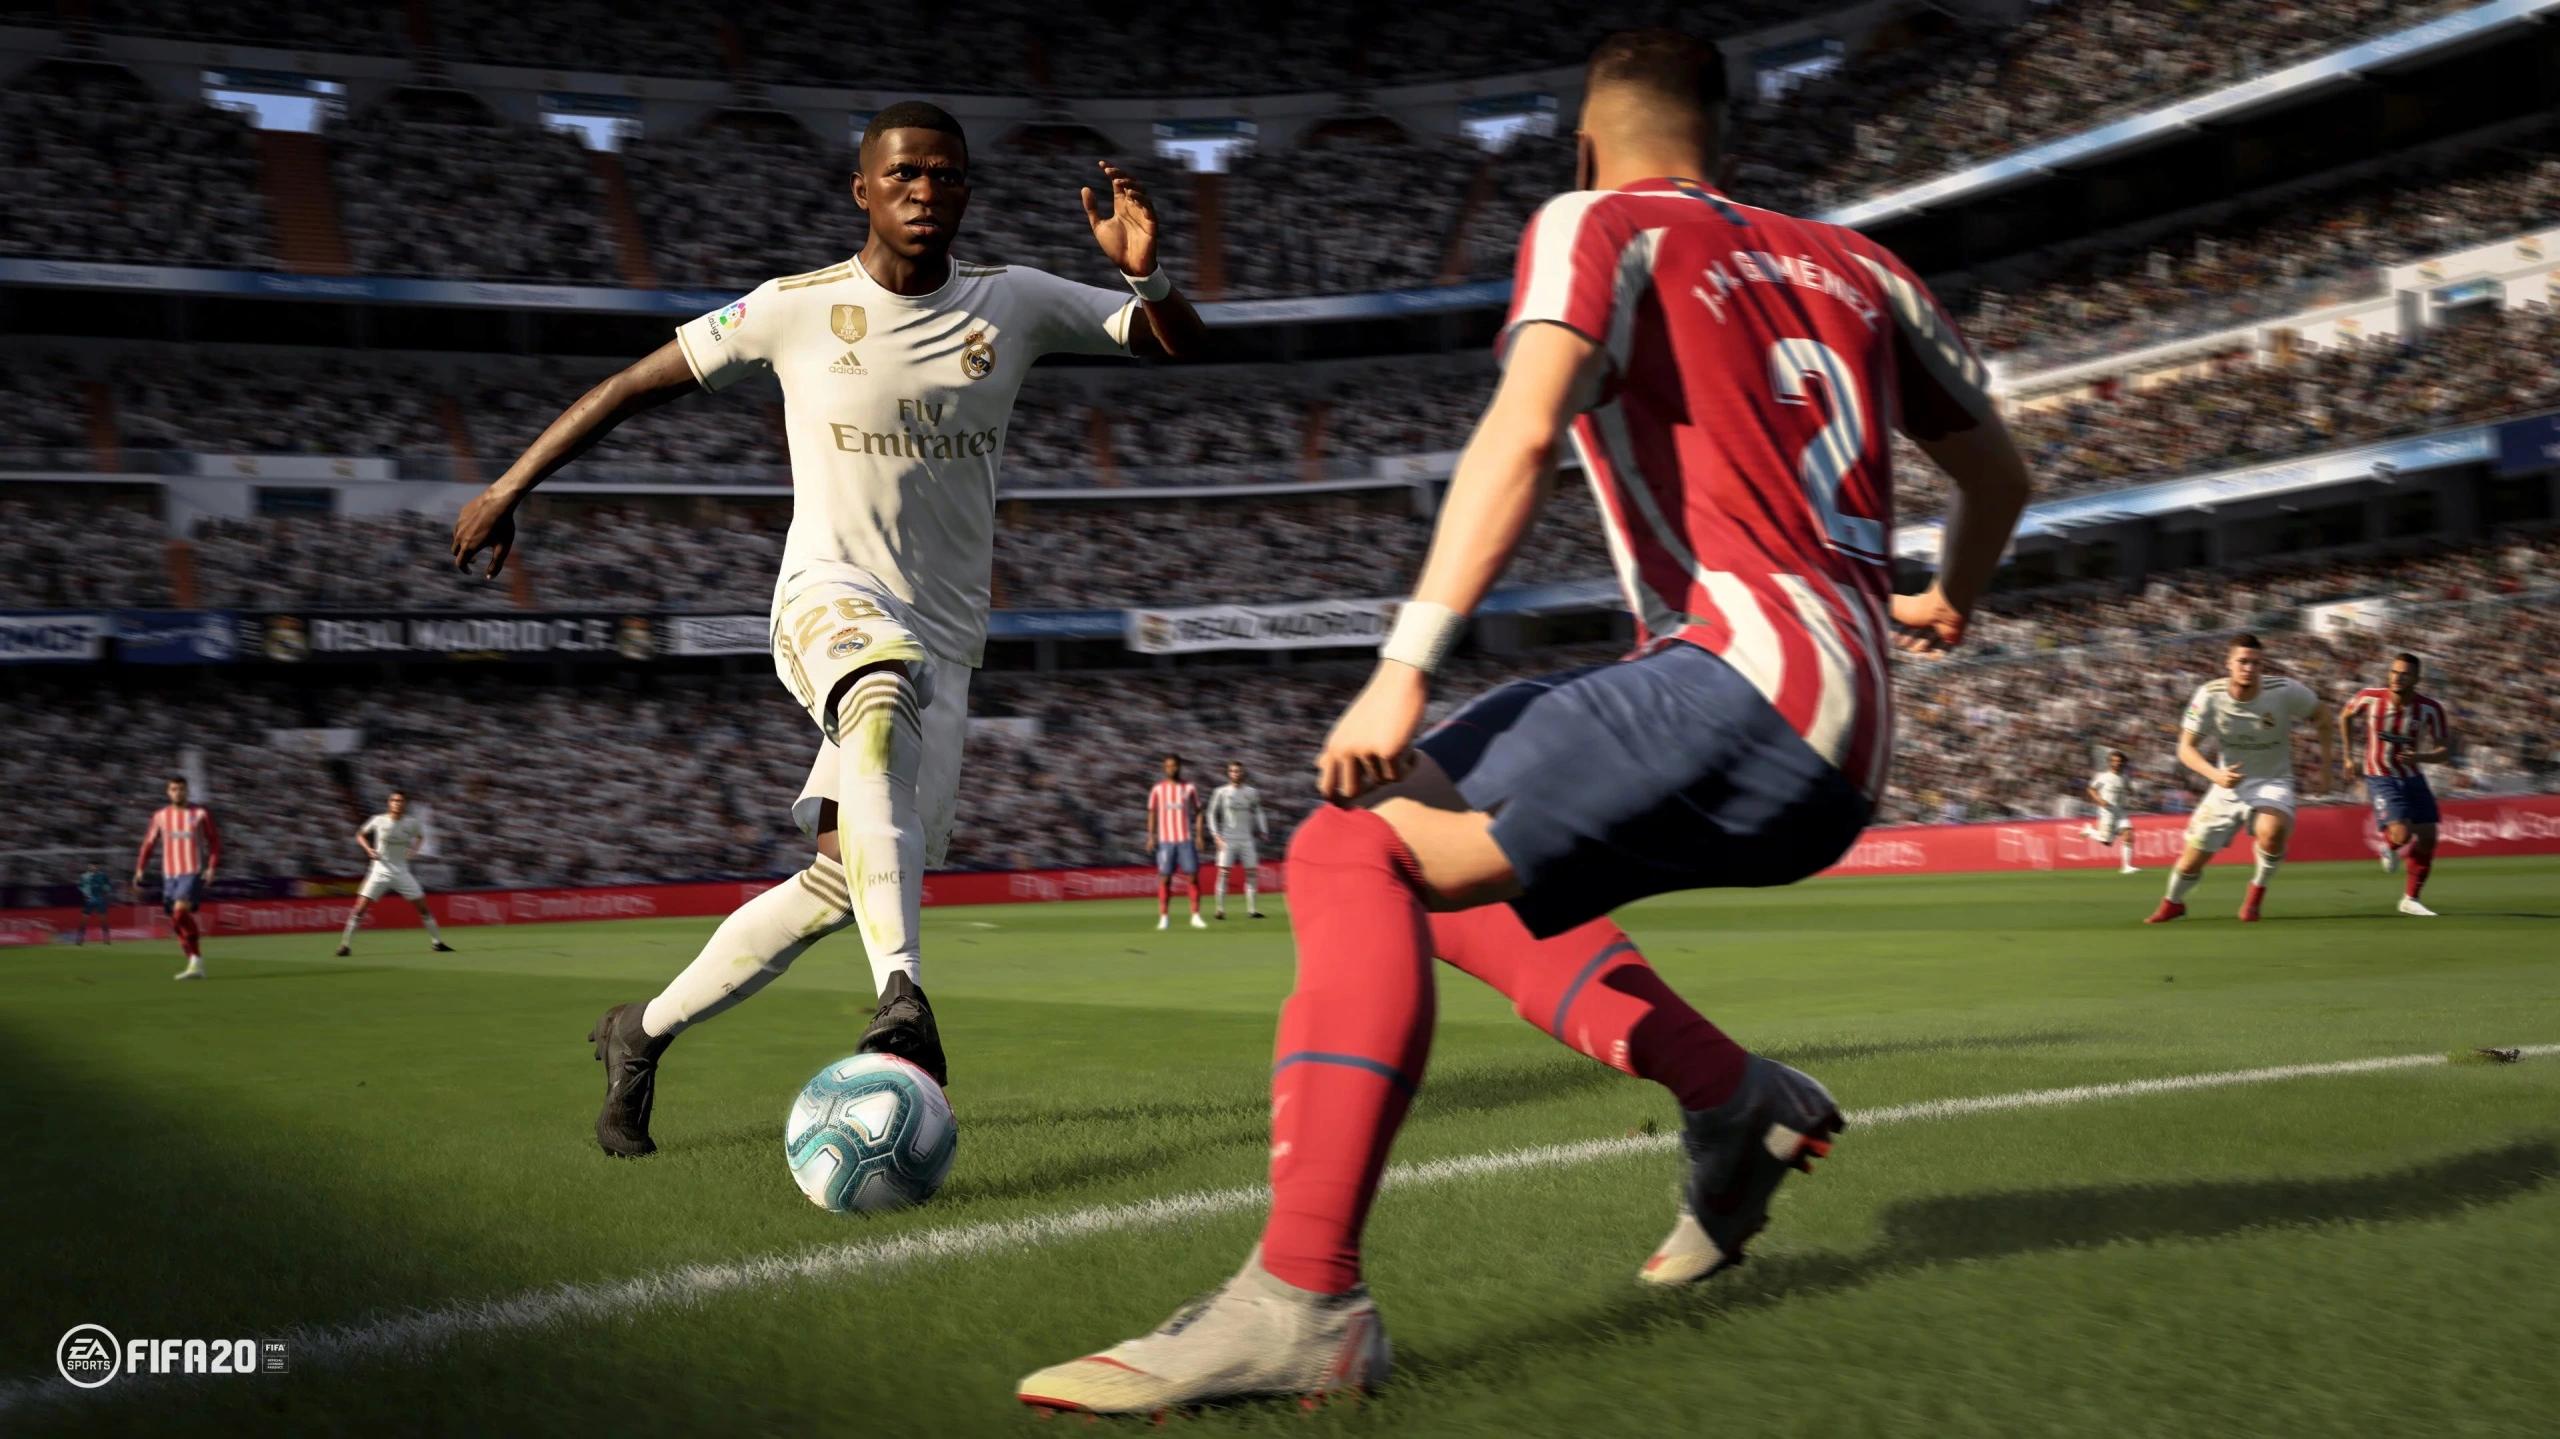 FIFA 20 torrenty